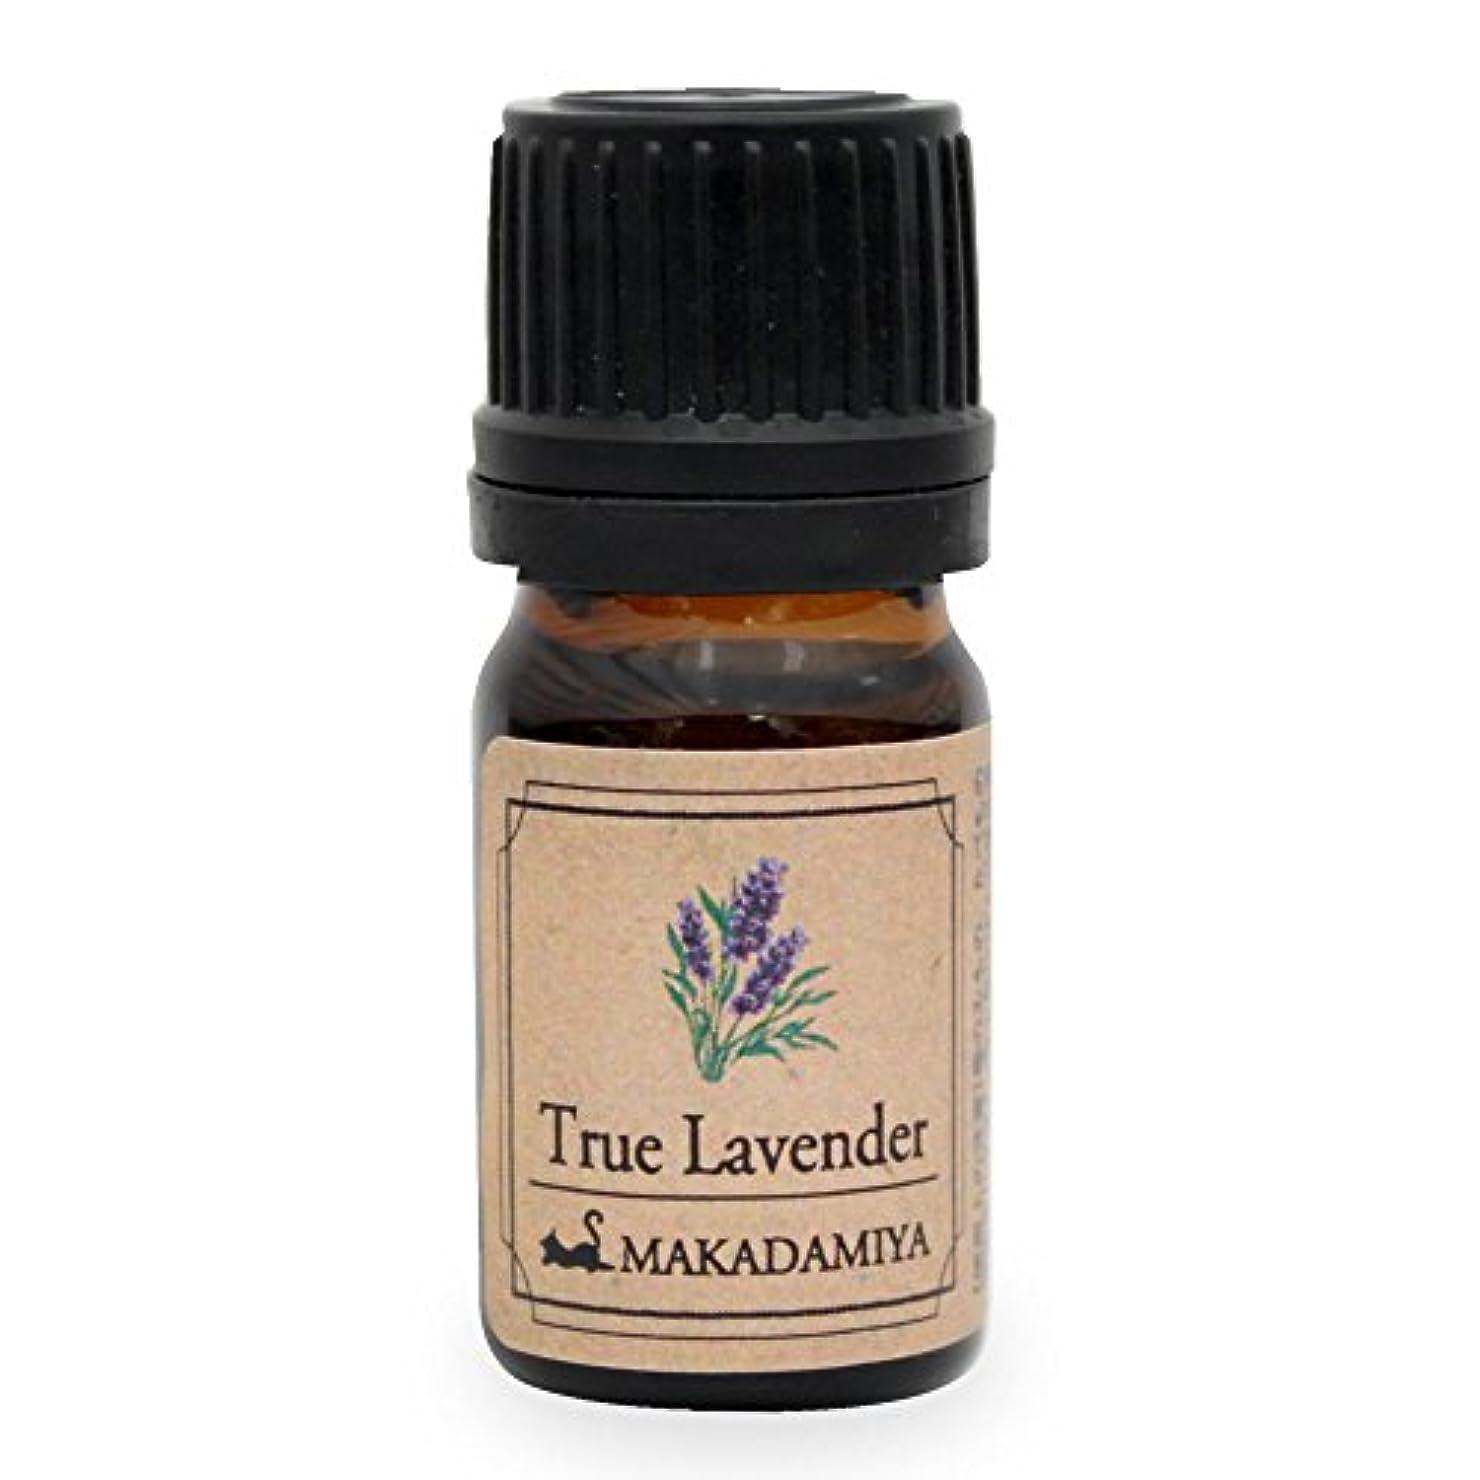 消化上院石膏真正ラベンダー5ml 天然100%植物性 エッセンシャルオイル(精油) アロマオイル アロママッサージ aroma TrueLavender